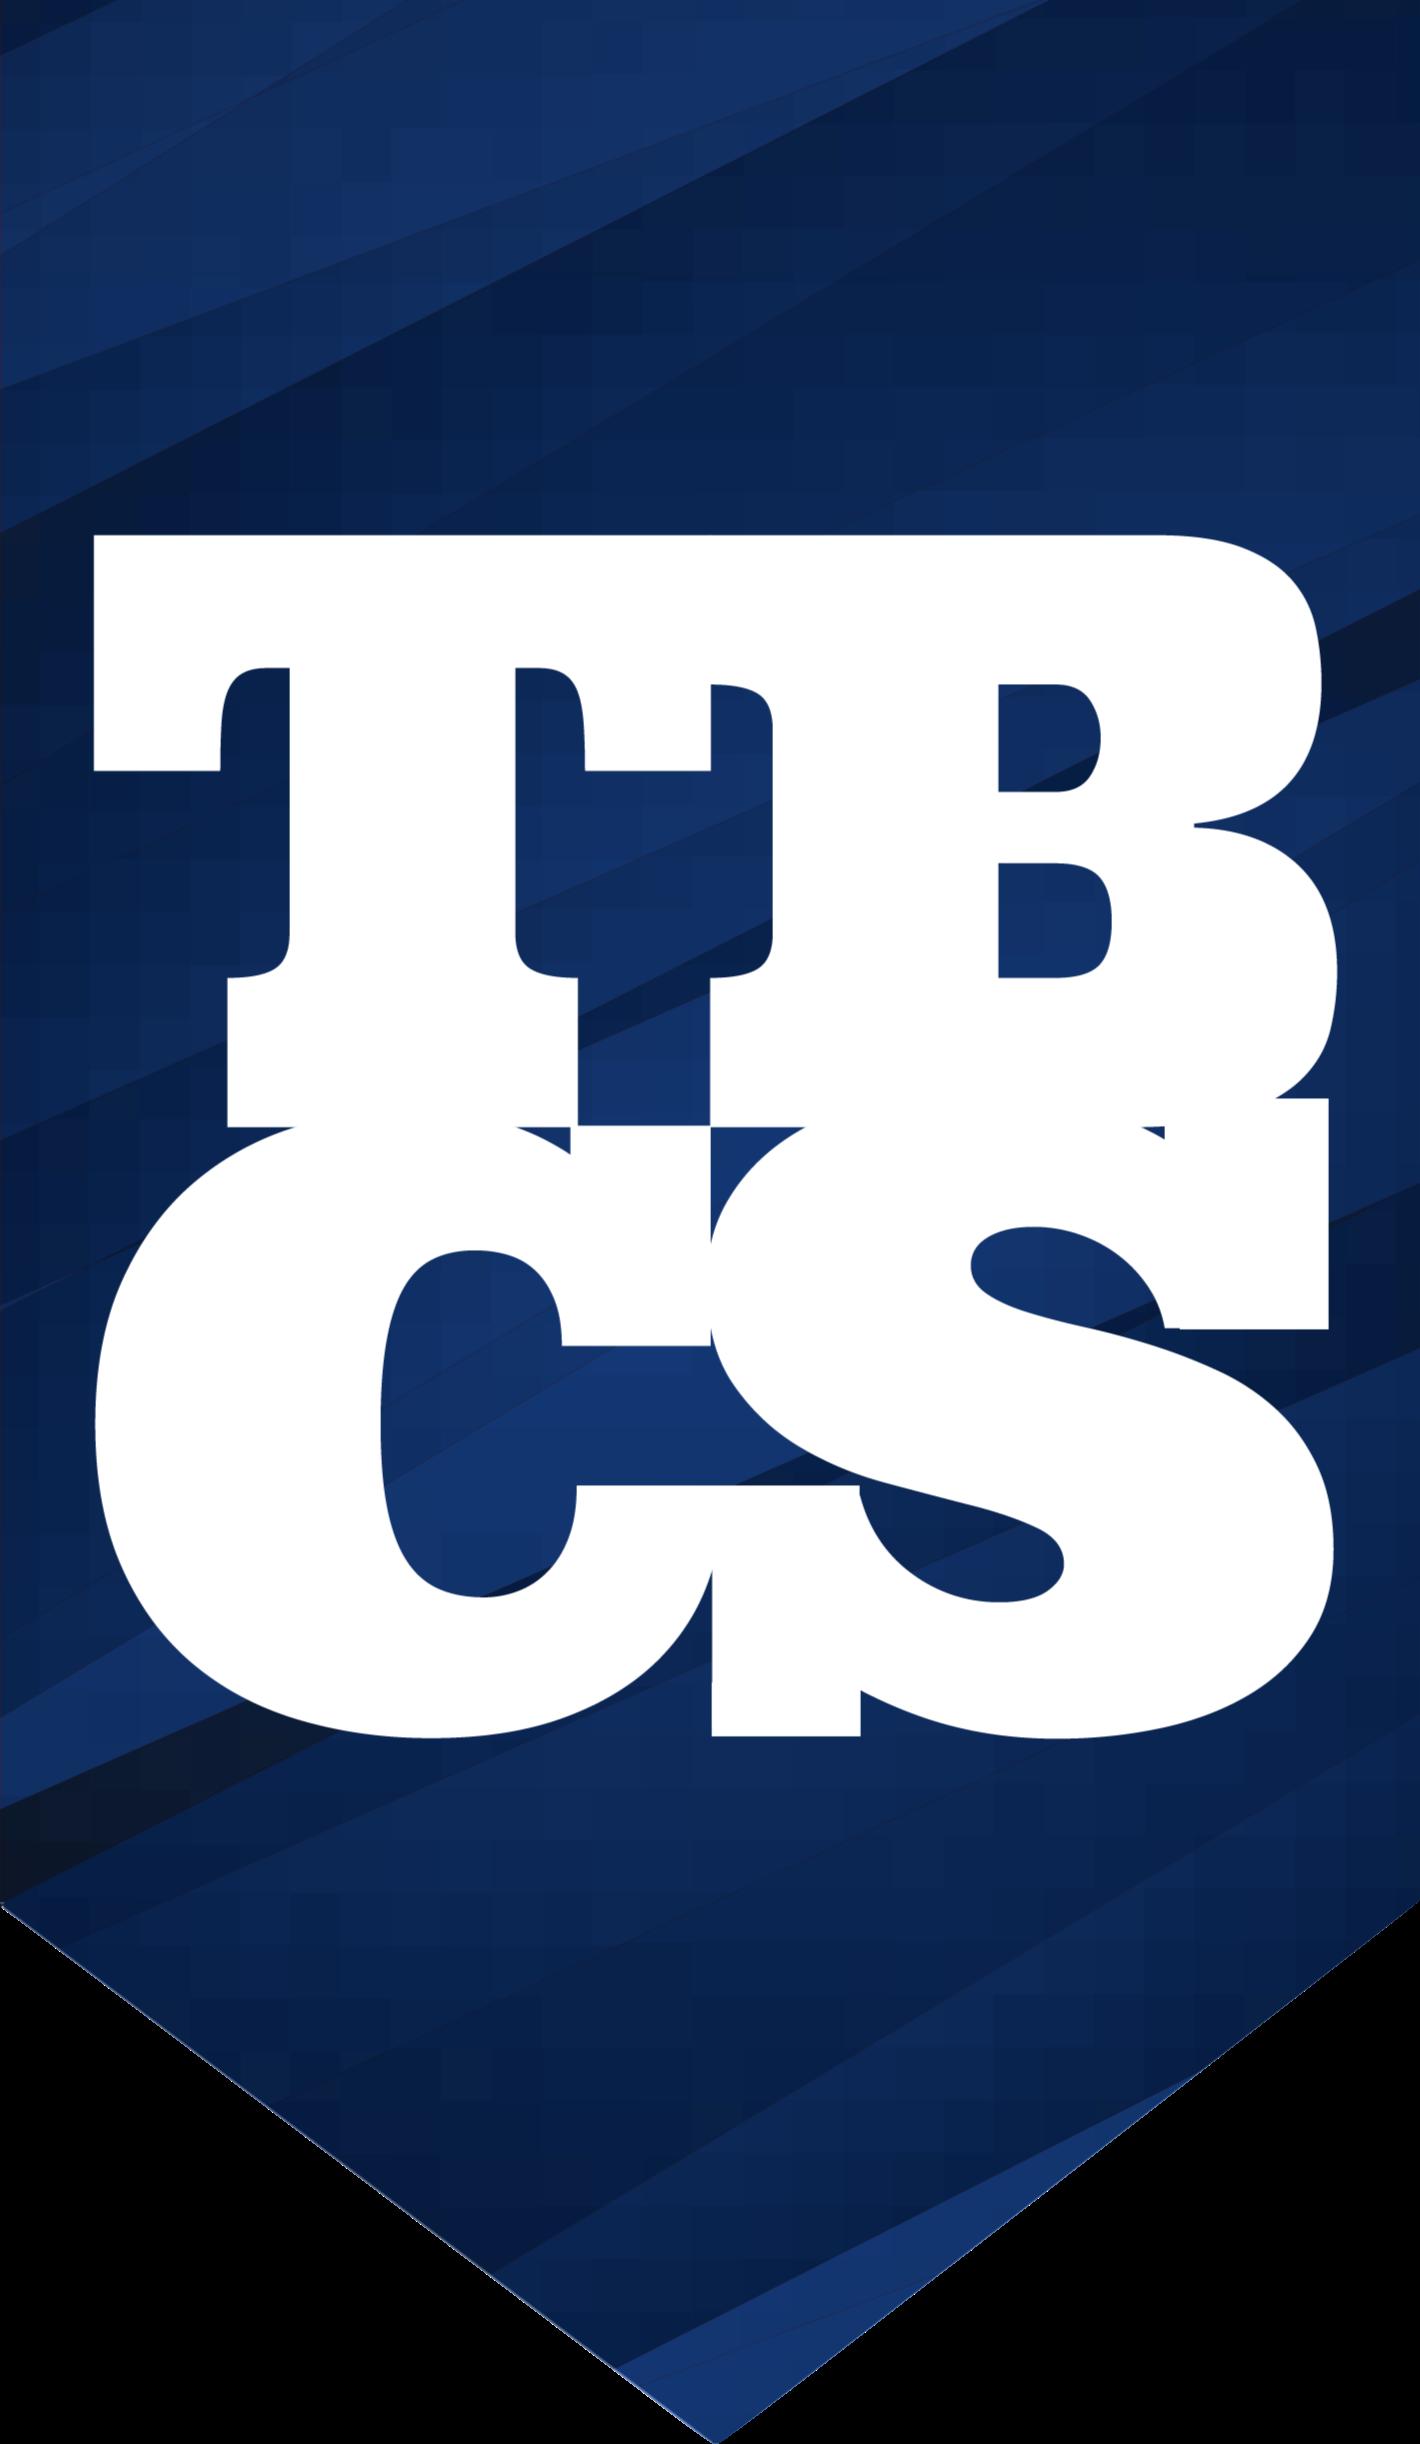 TBCS_logo